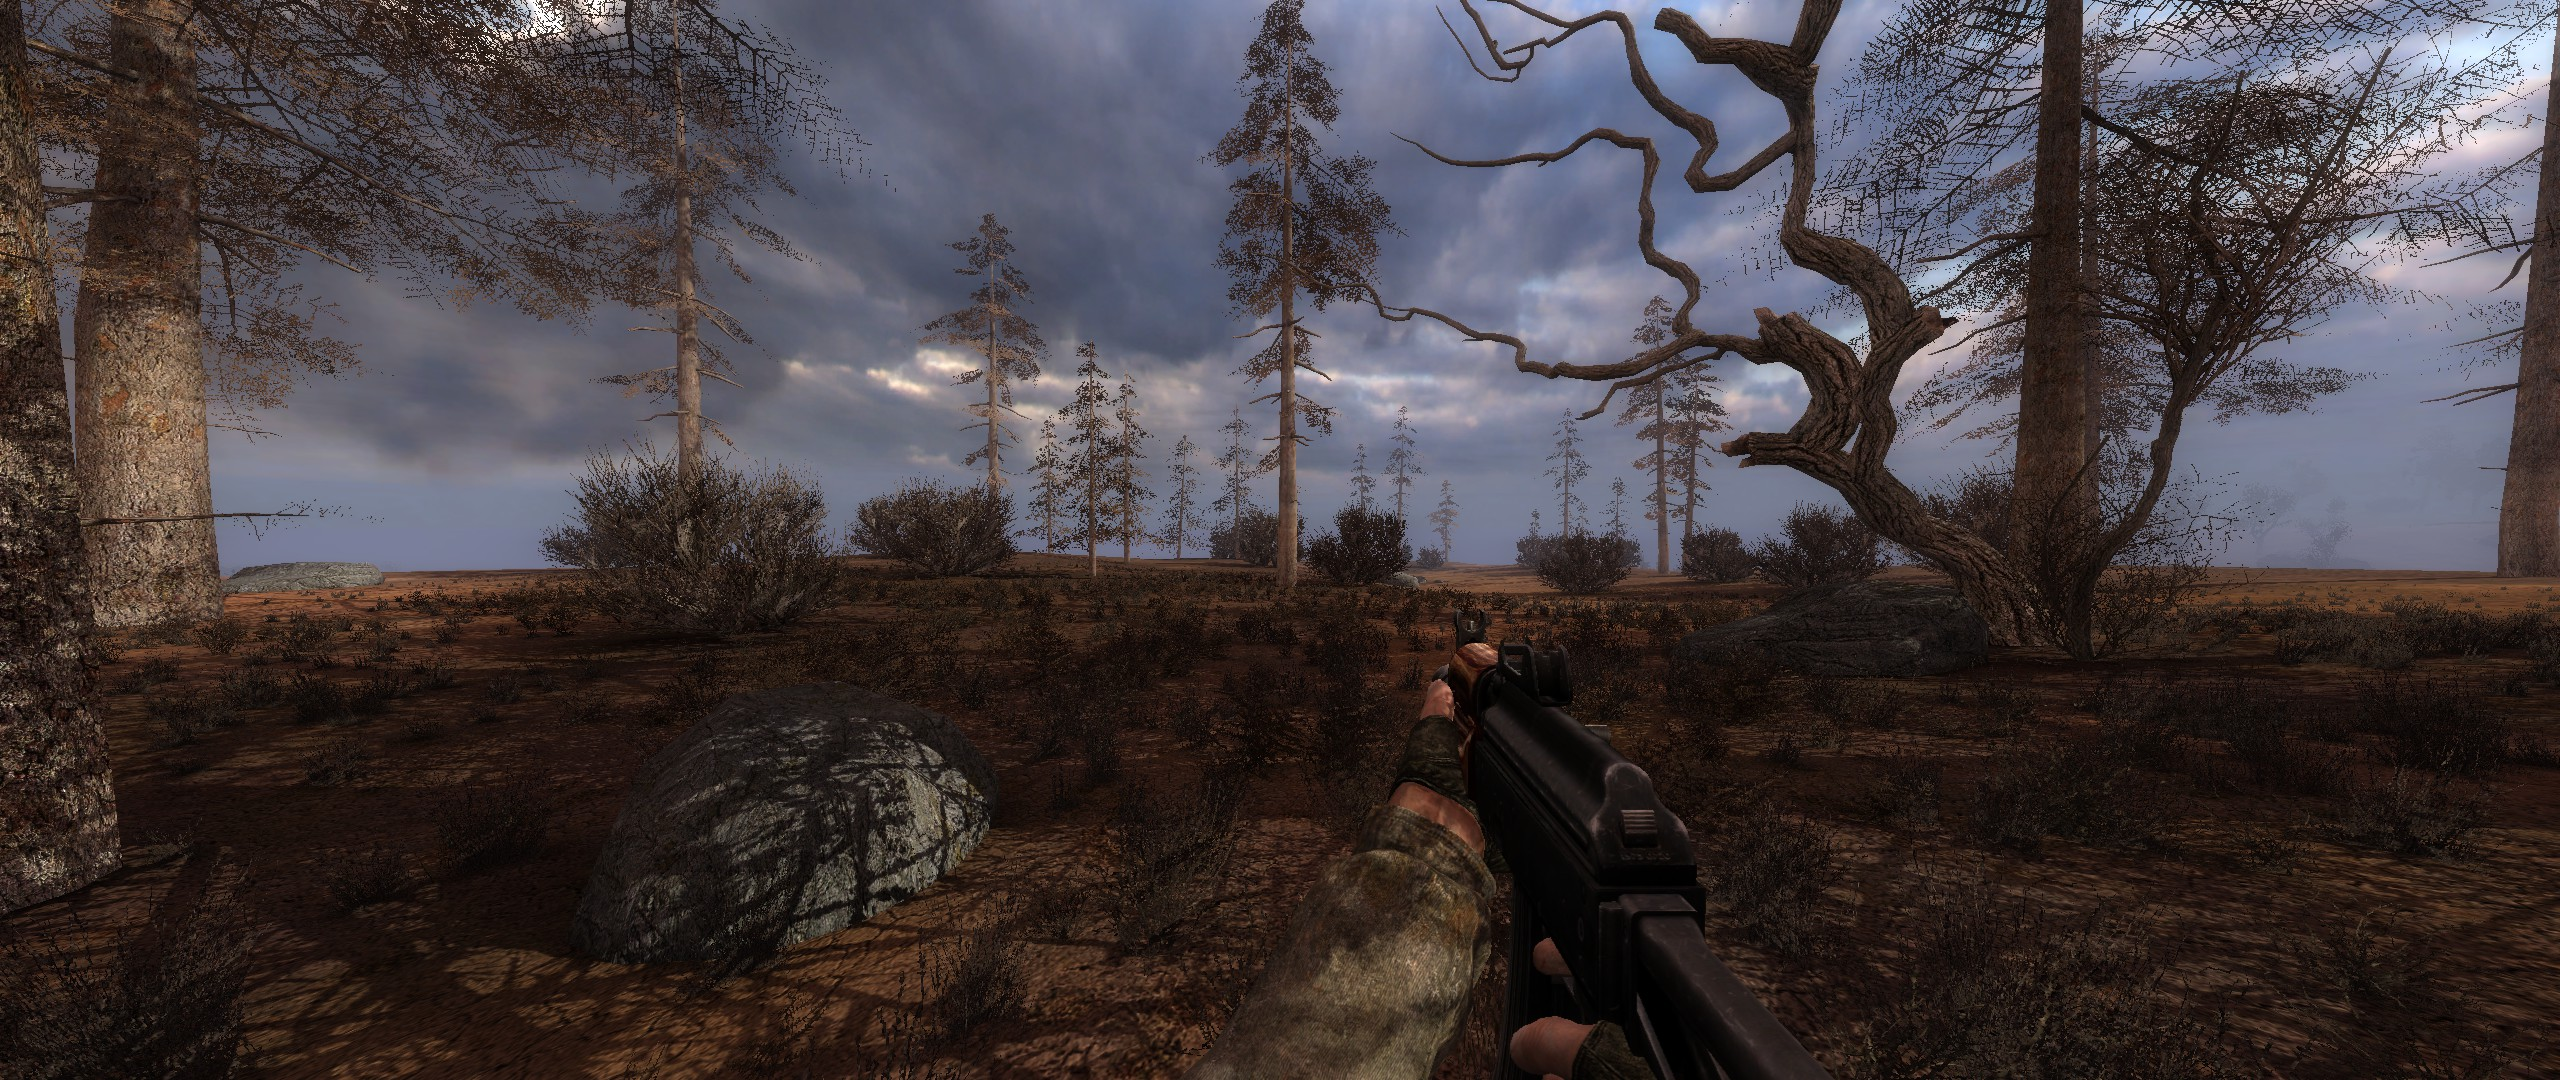 S.T.A.L.K.E.R.: Зов Припяти - S.T.A.L.K.E.R.: Call of Pripyat